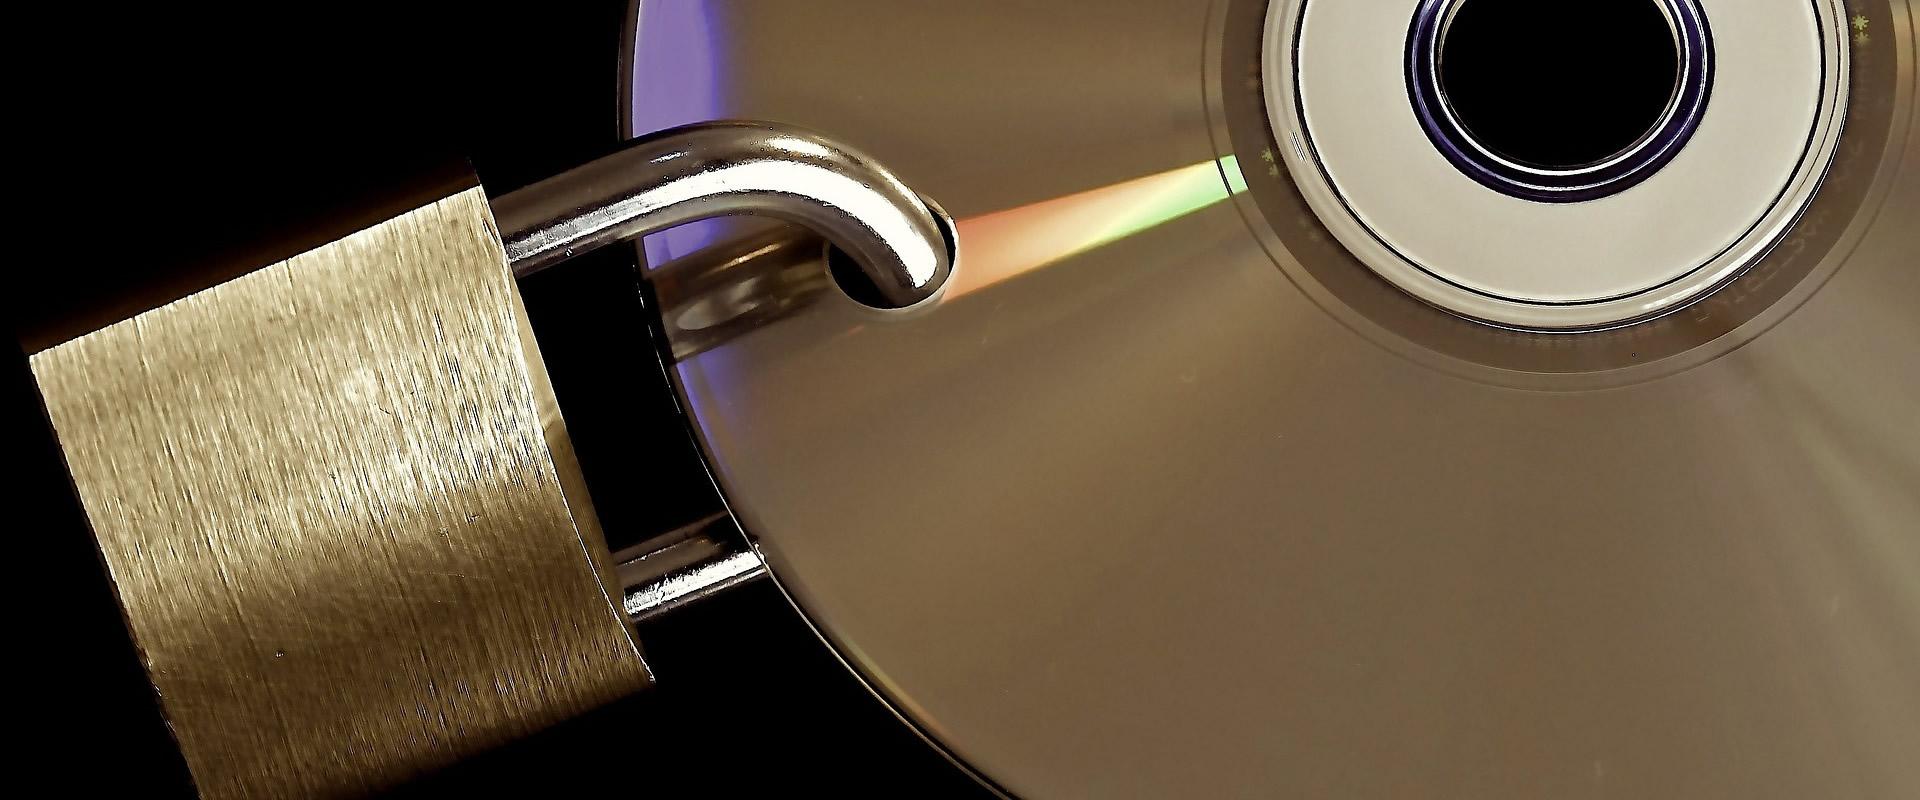 Stockage et sécurité des données